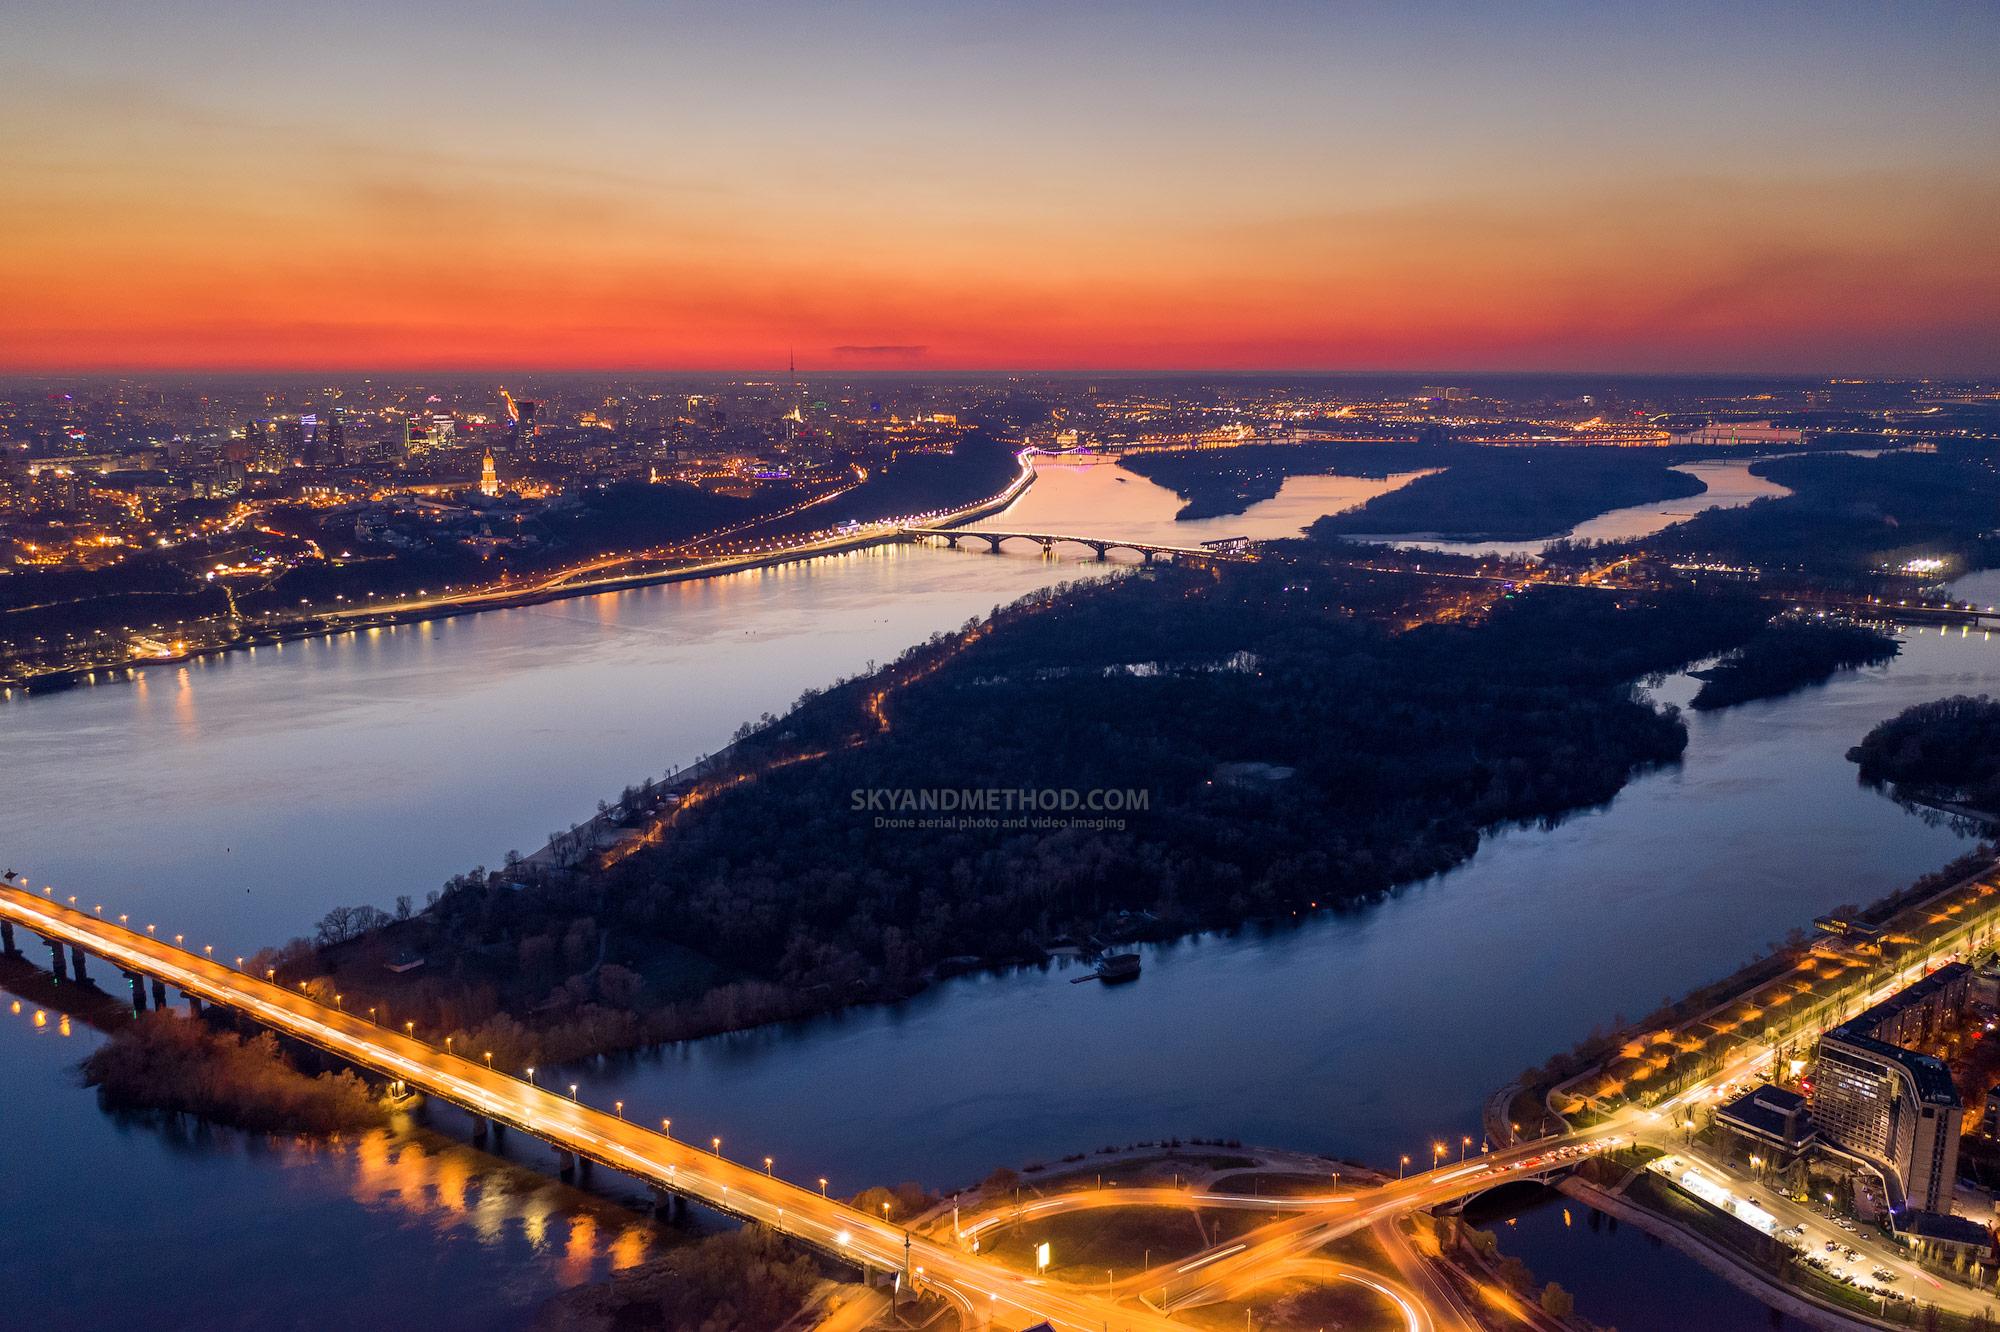 Ночной Киев с высоты. Рассвет над Днепром